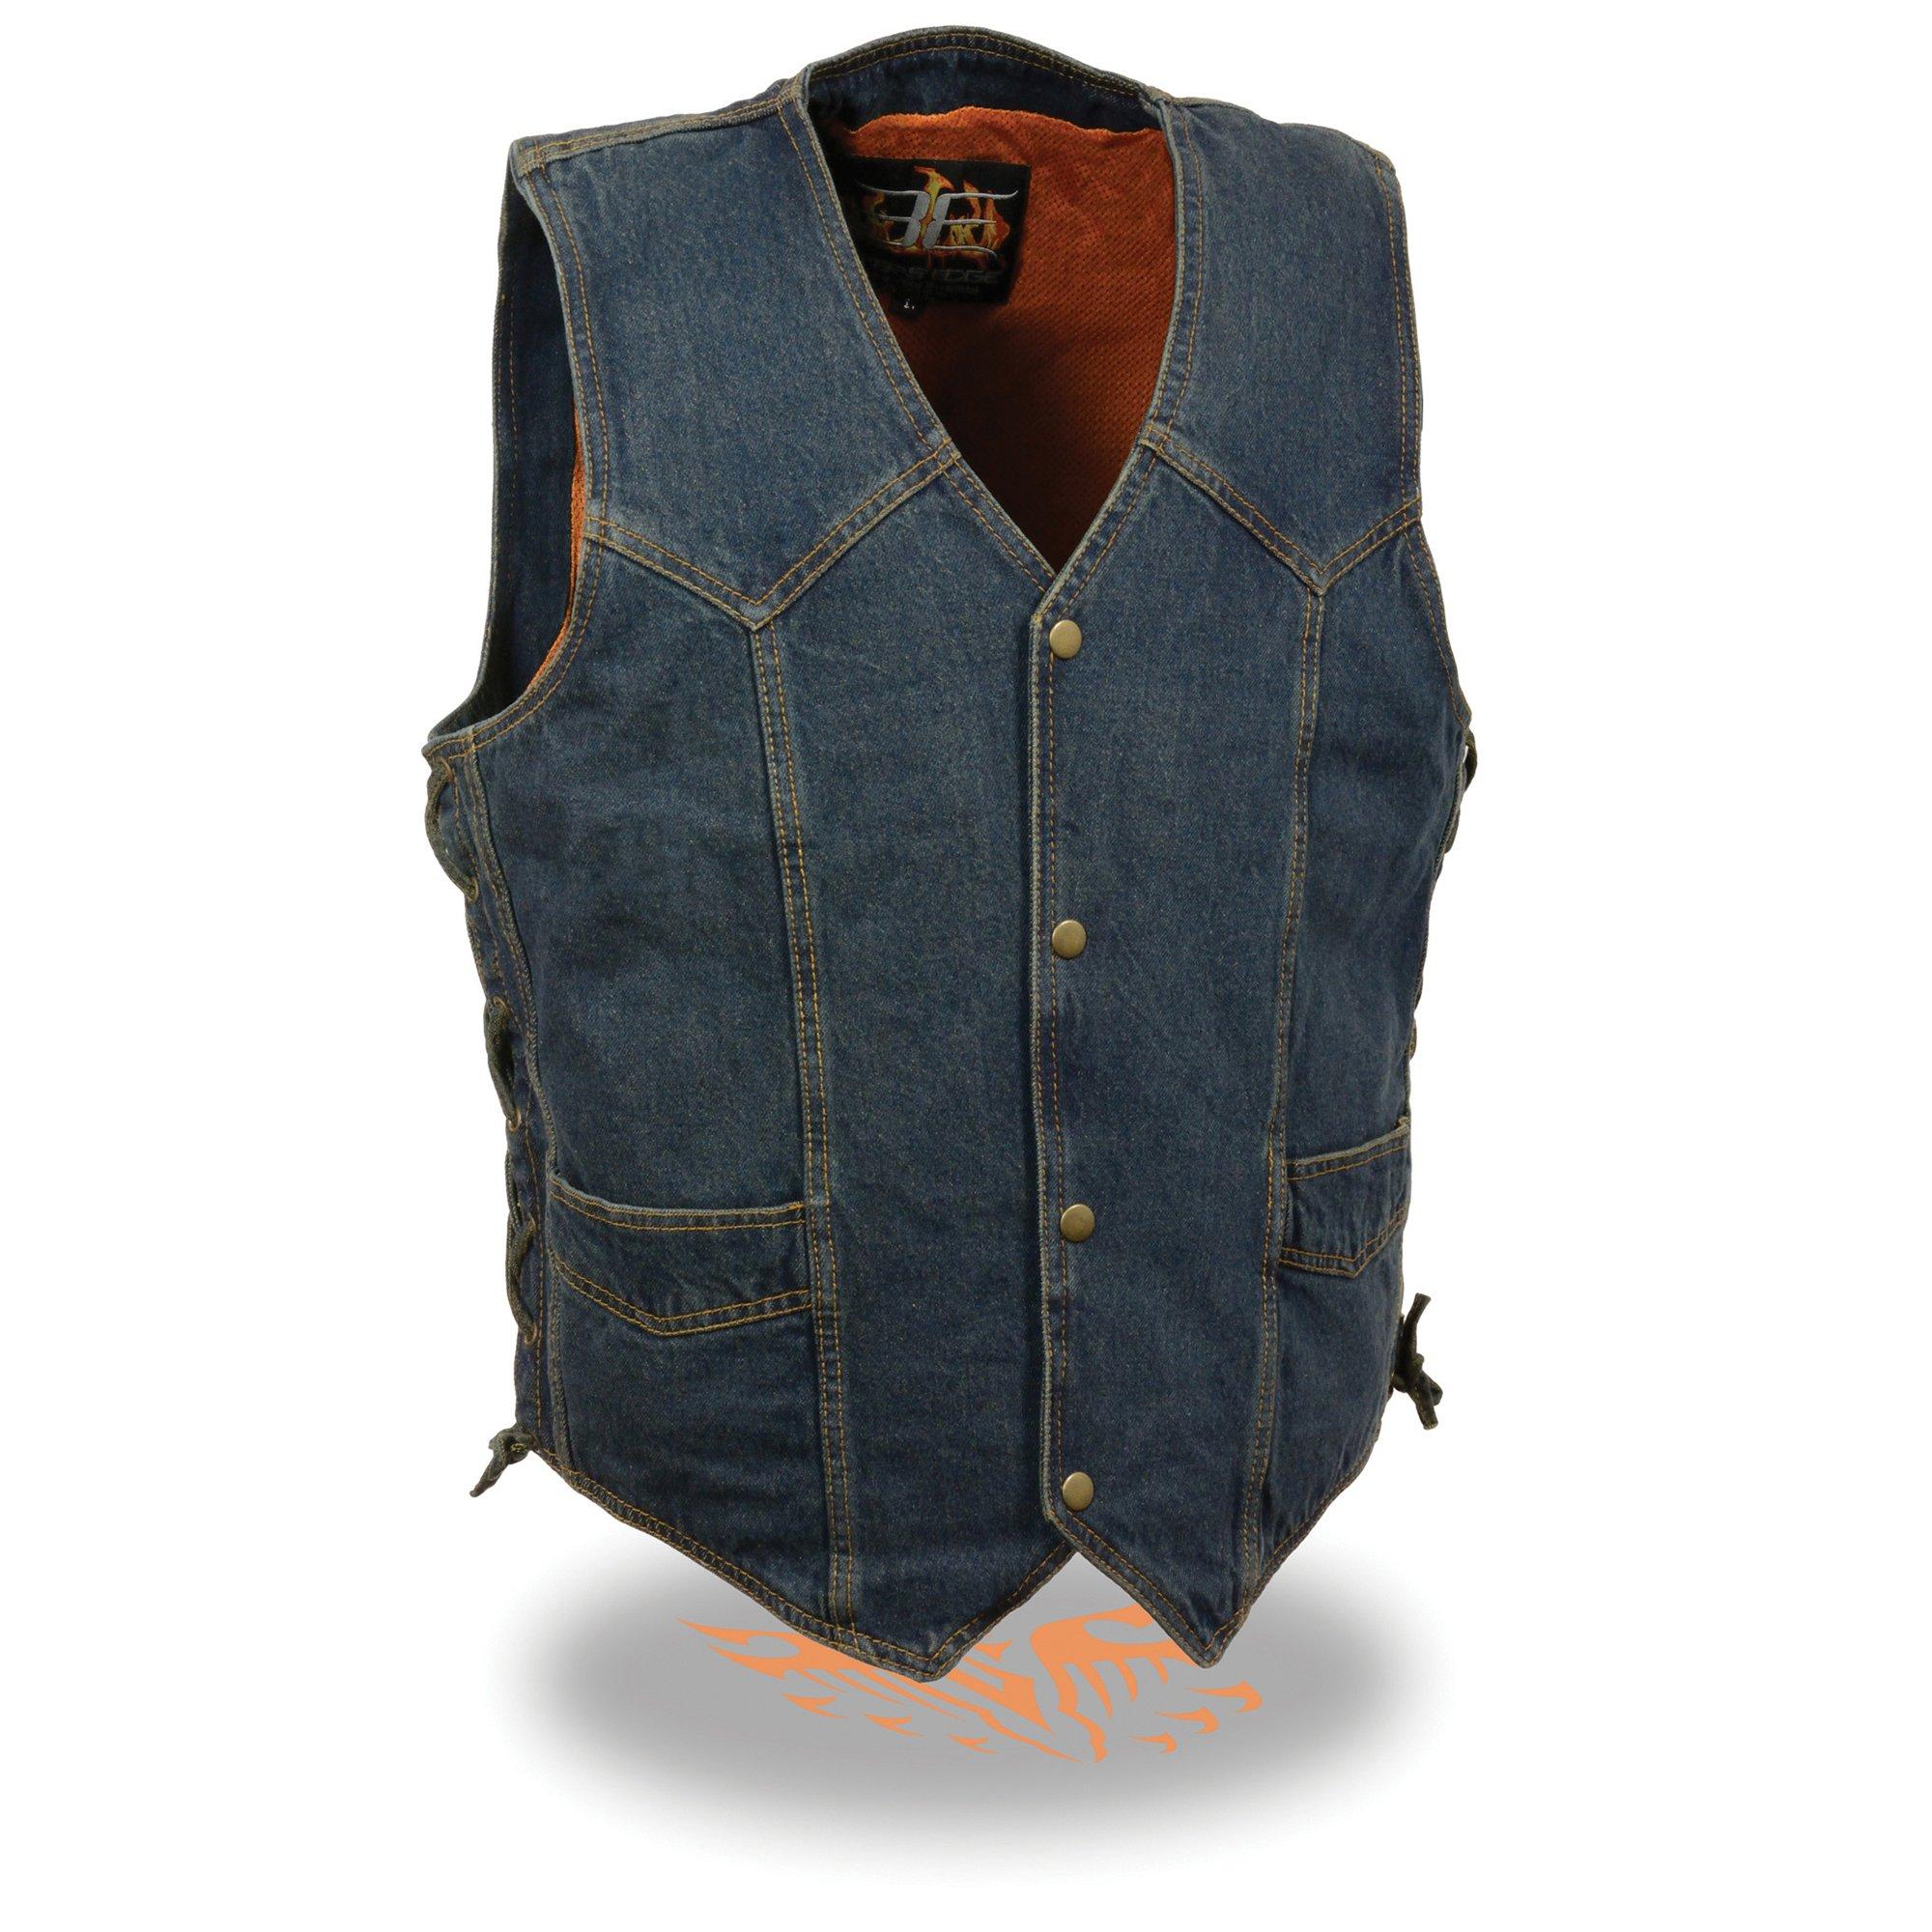 Milwaukee Performance Side Lace Basic Denim Vest (Blue, 5X-Large) by Milwaukee Performance